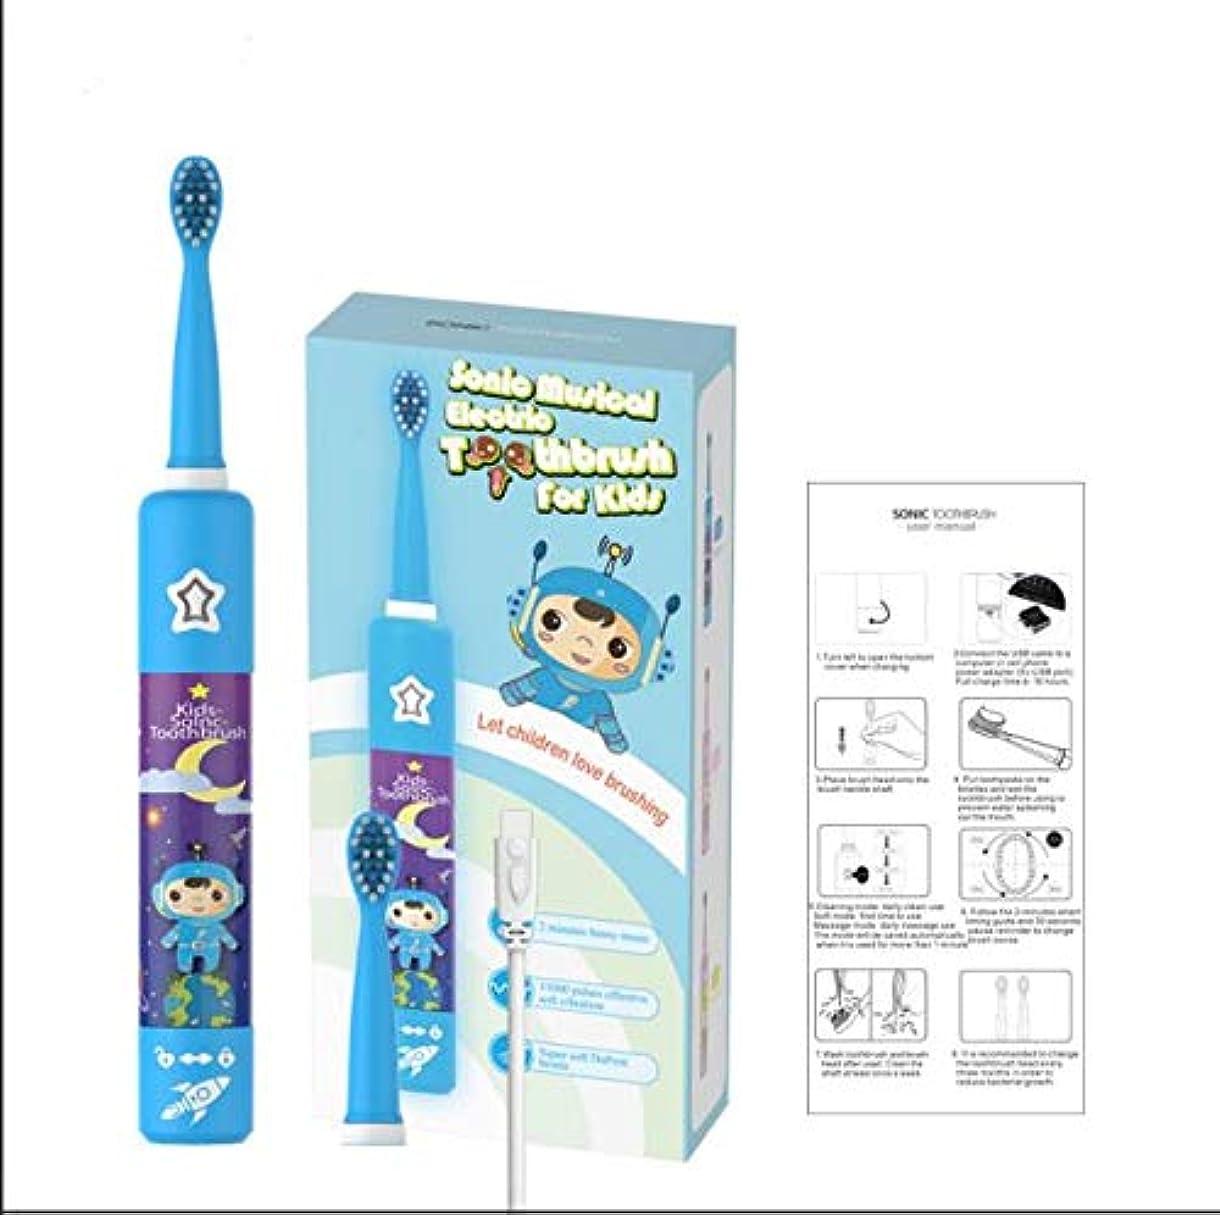 過度の弱点広範囲新しいスタイルキッズ漫画パターン電動ソニック歯ブラシ家族ソニックブラシ子供ipx7防水スマートタイマー歯ブラシヘッド (blue)